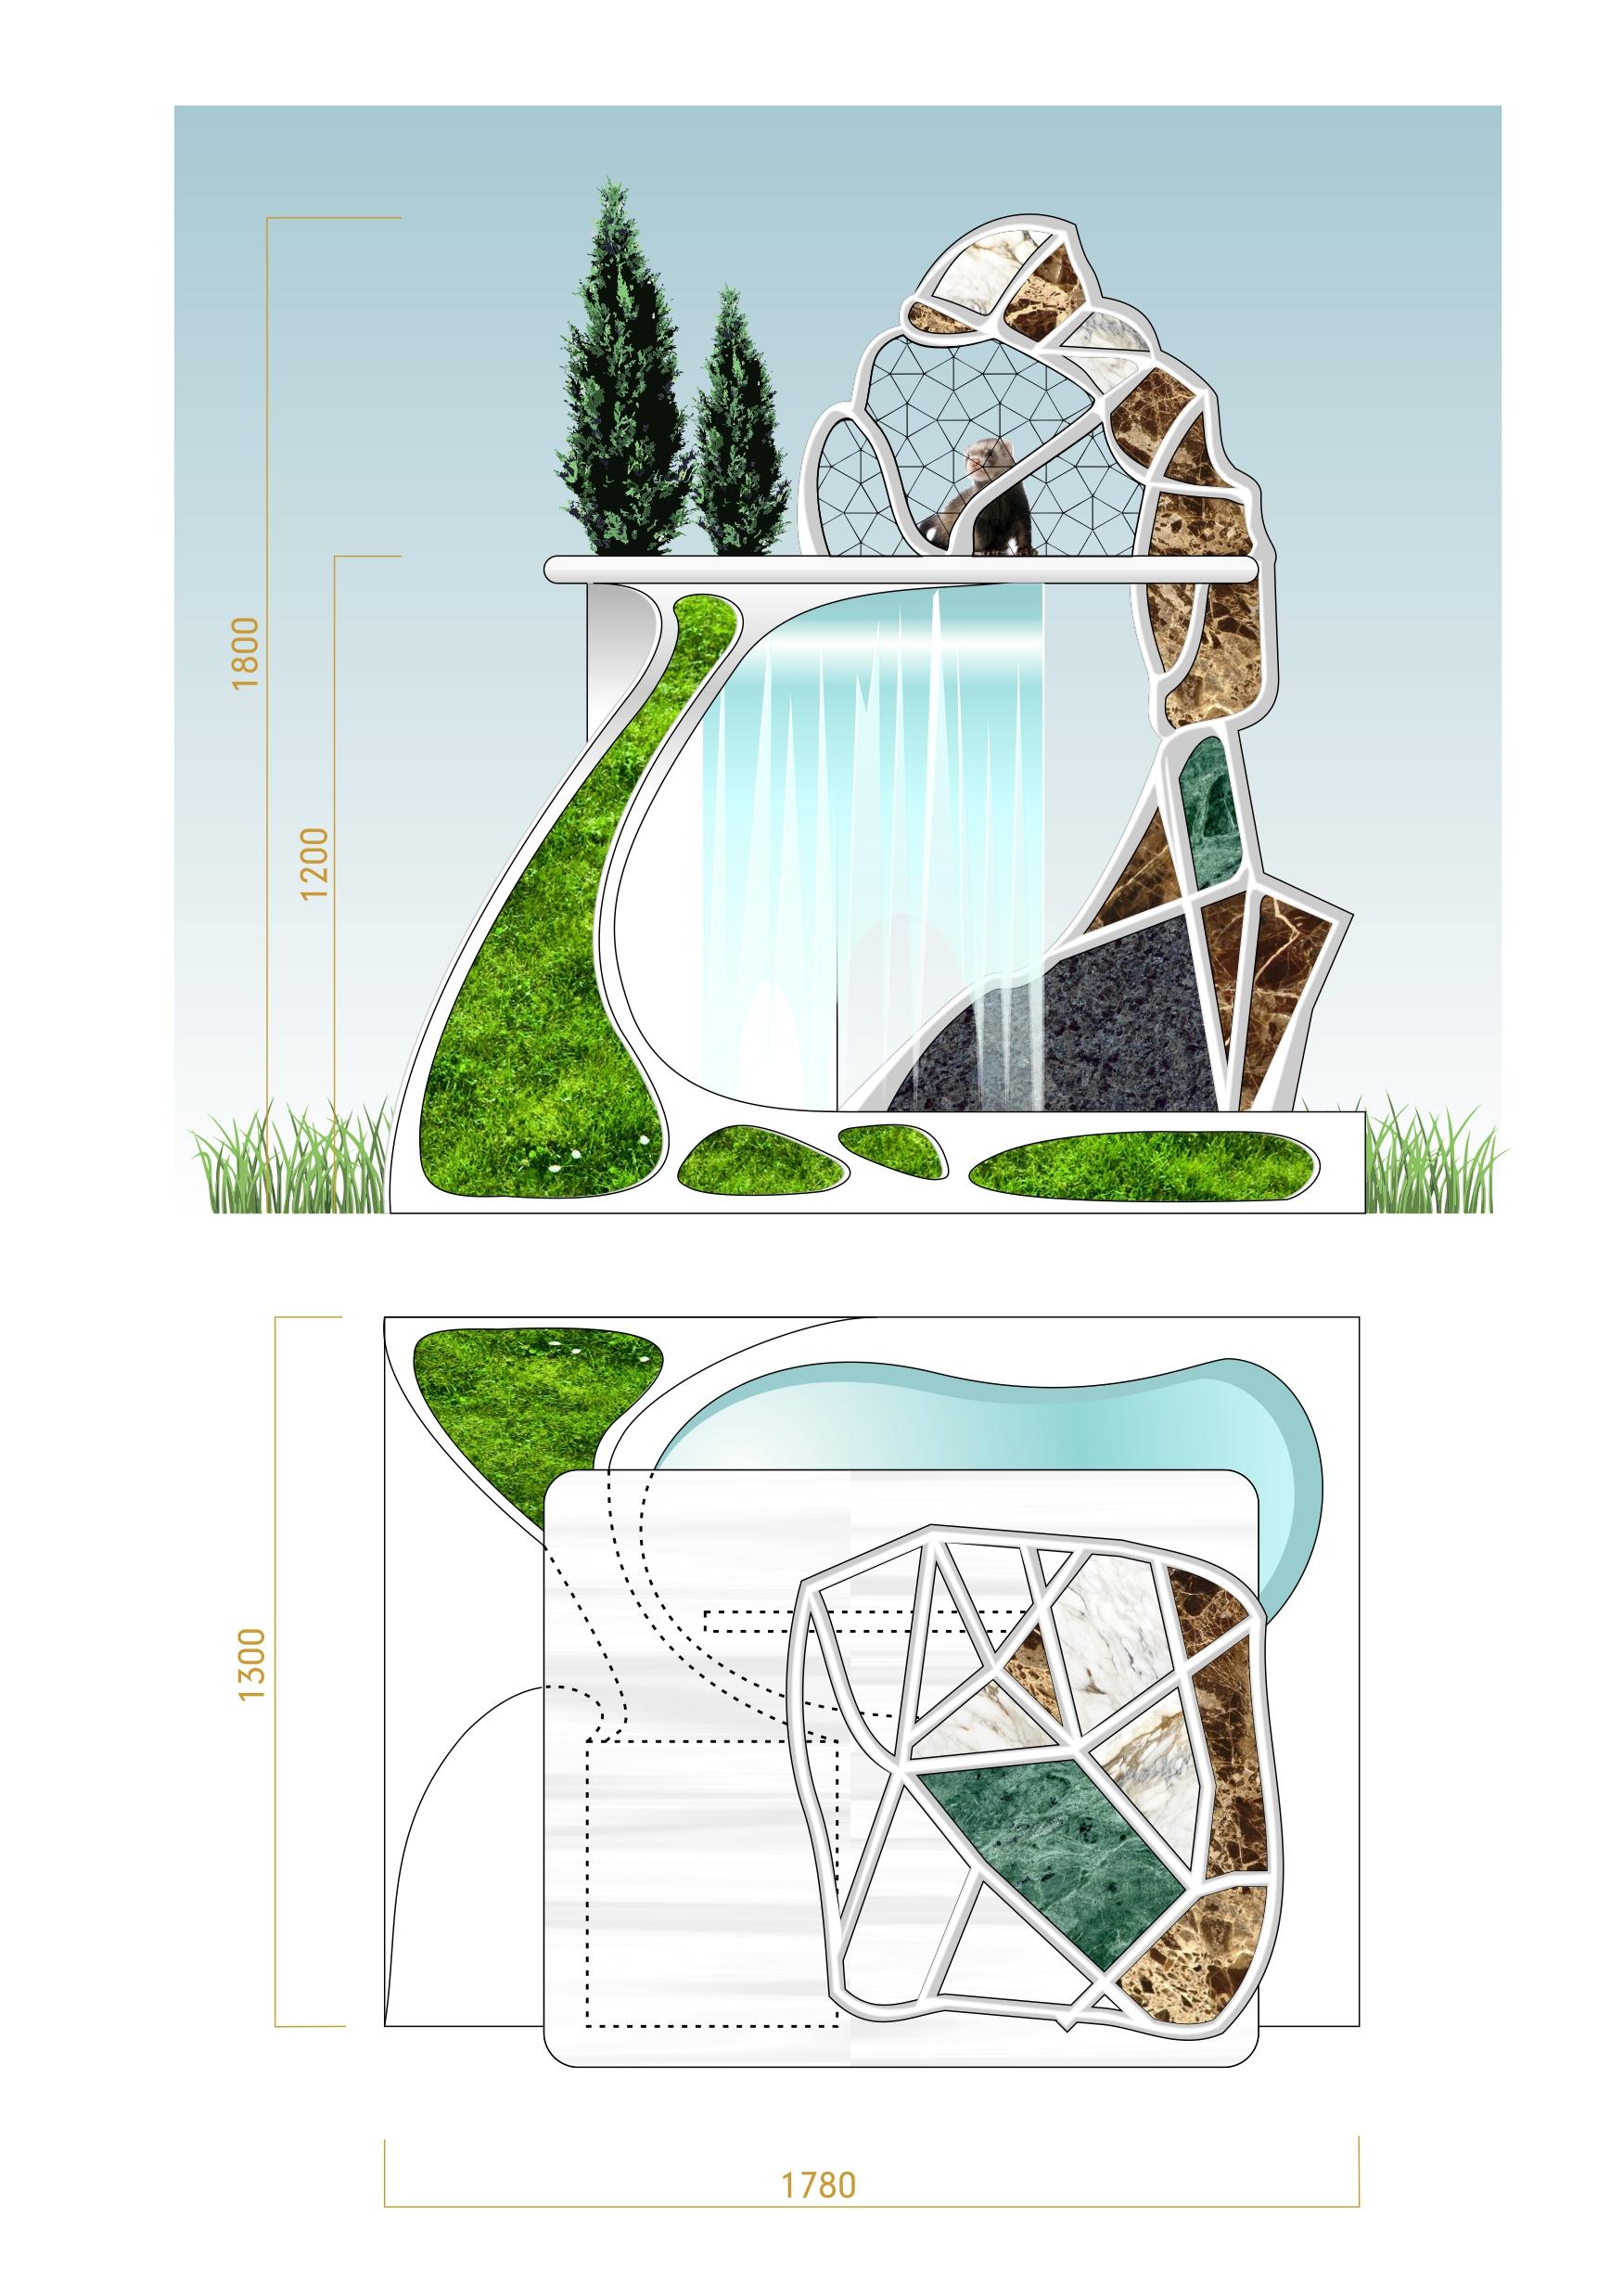 Дизайн конструкции для размещения в ней живого соболя фото f_3195700aec09ed5b.jpg